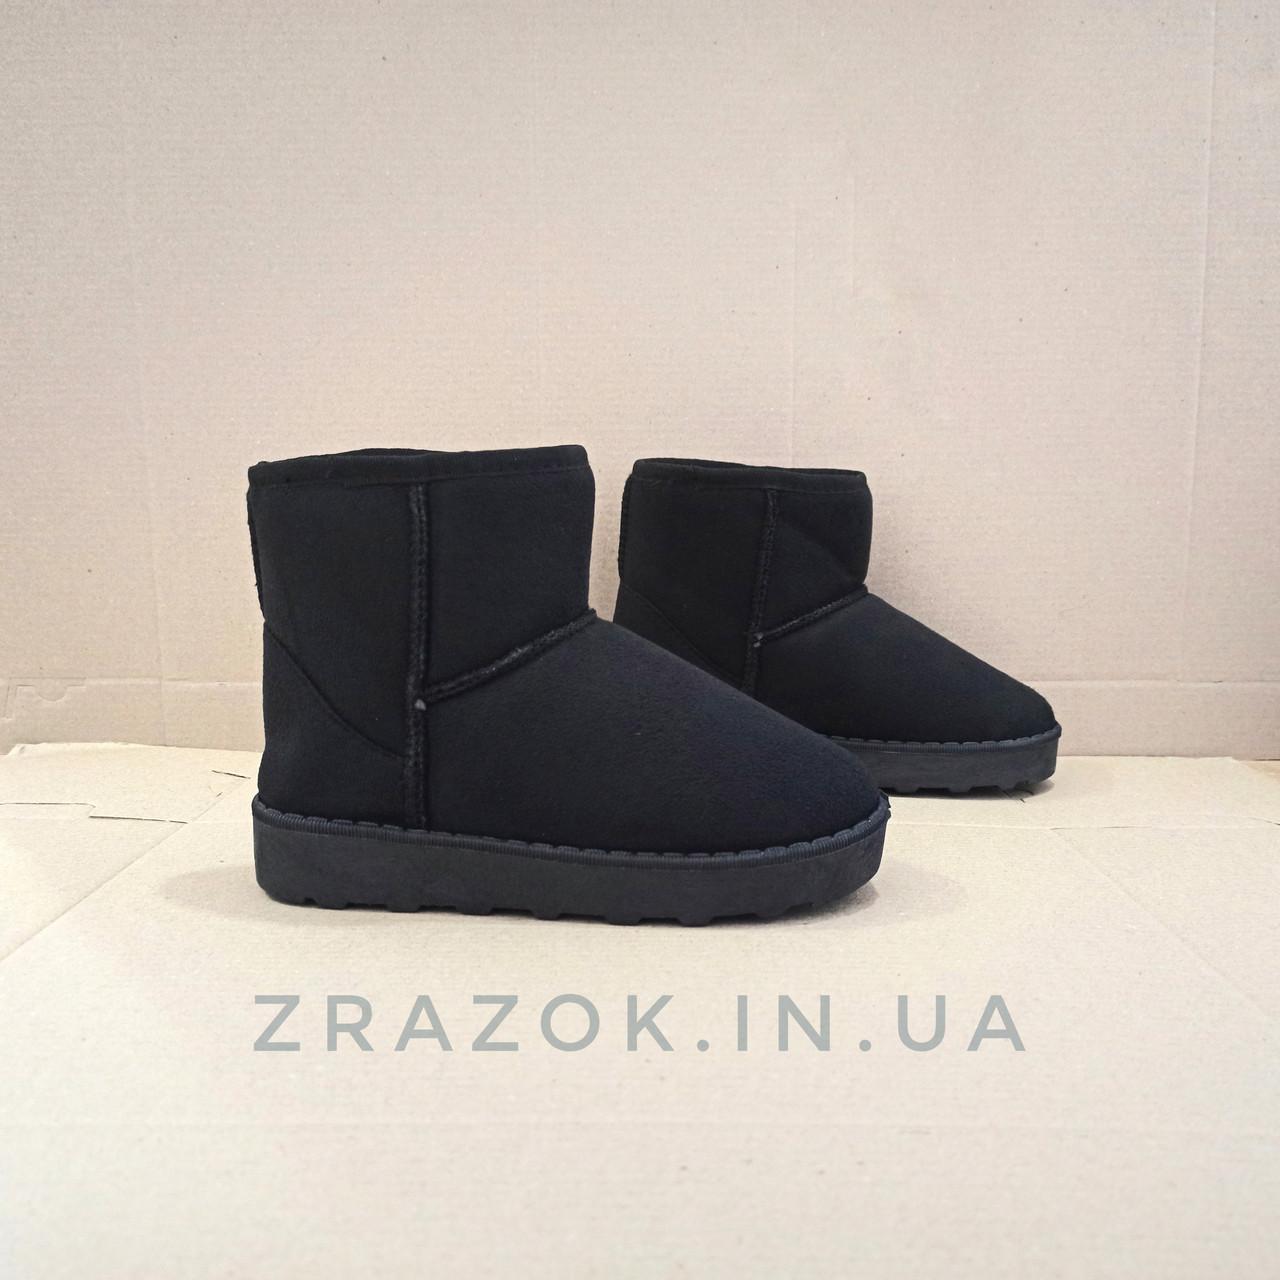 Замшеві уггі UGG дитячі теплі черевички уггі дитячі чобітки чорні 32, 33, 35, розмір